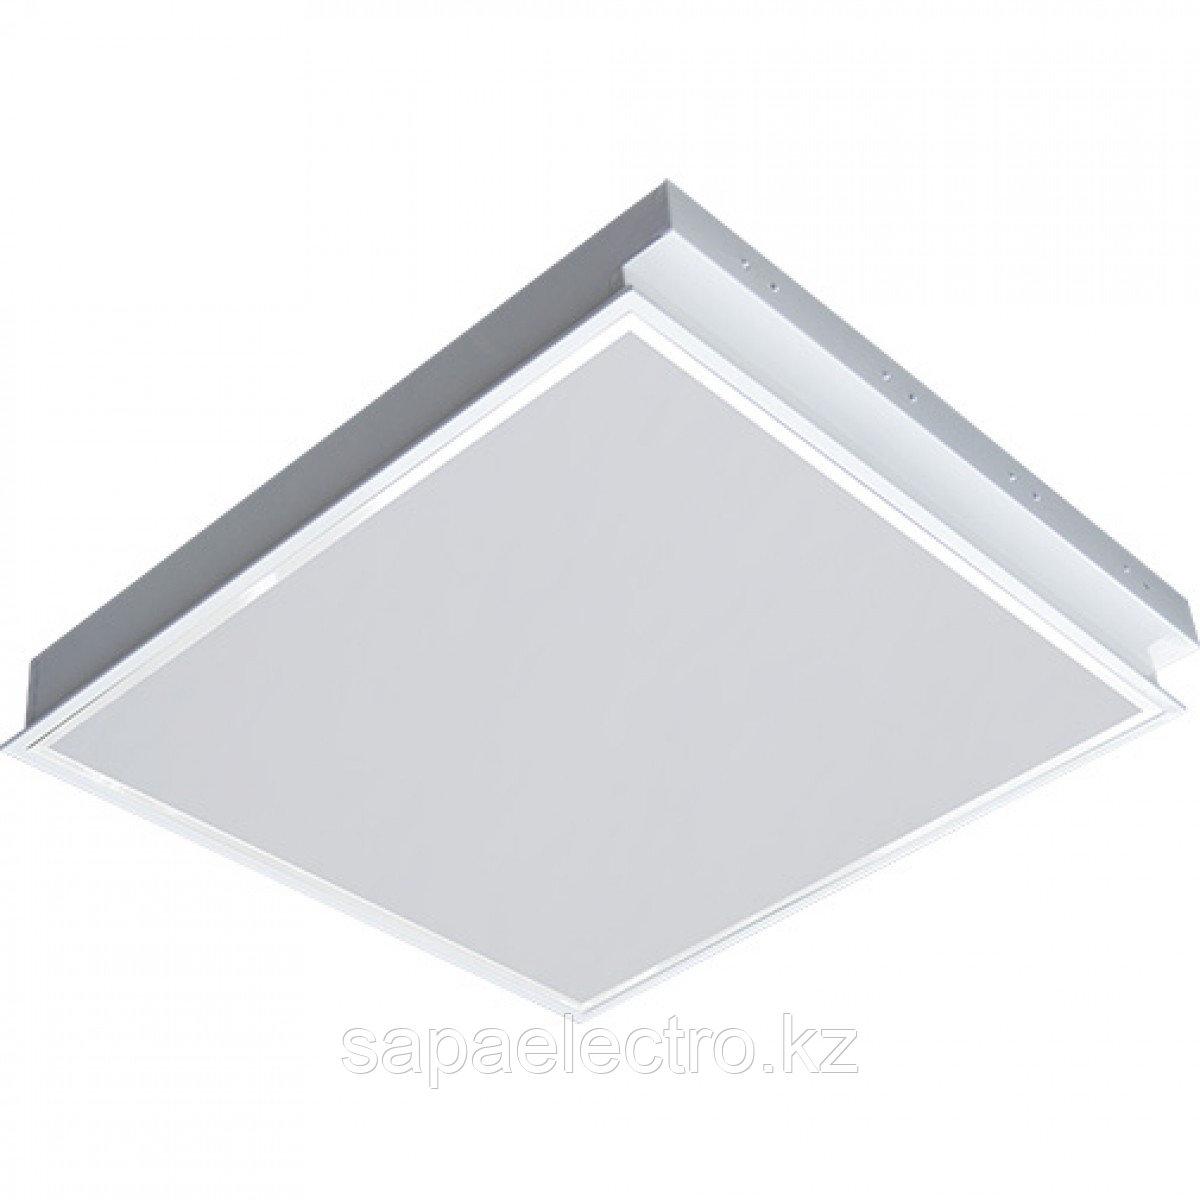 Cв-к LEDTUBE LZV 4x9W/ 60см OPAL встр-й(с лампой)X6